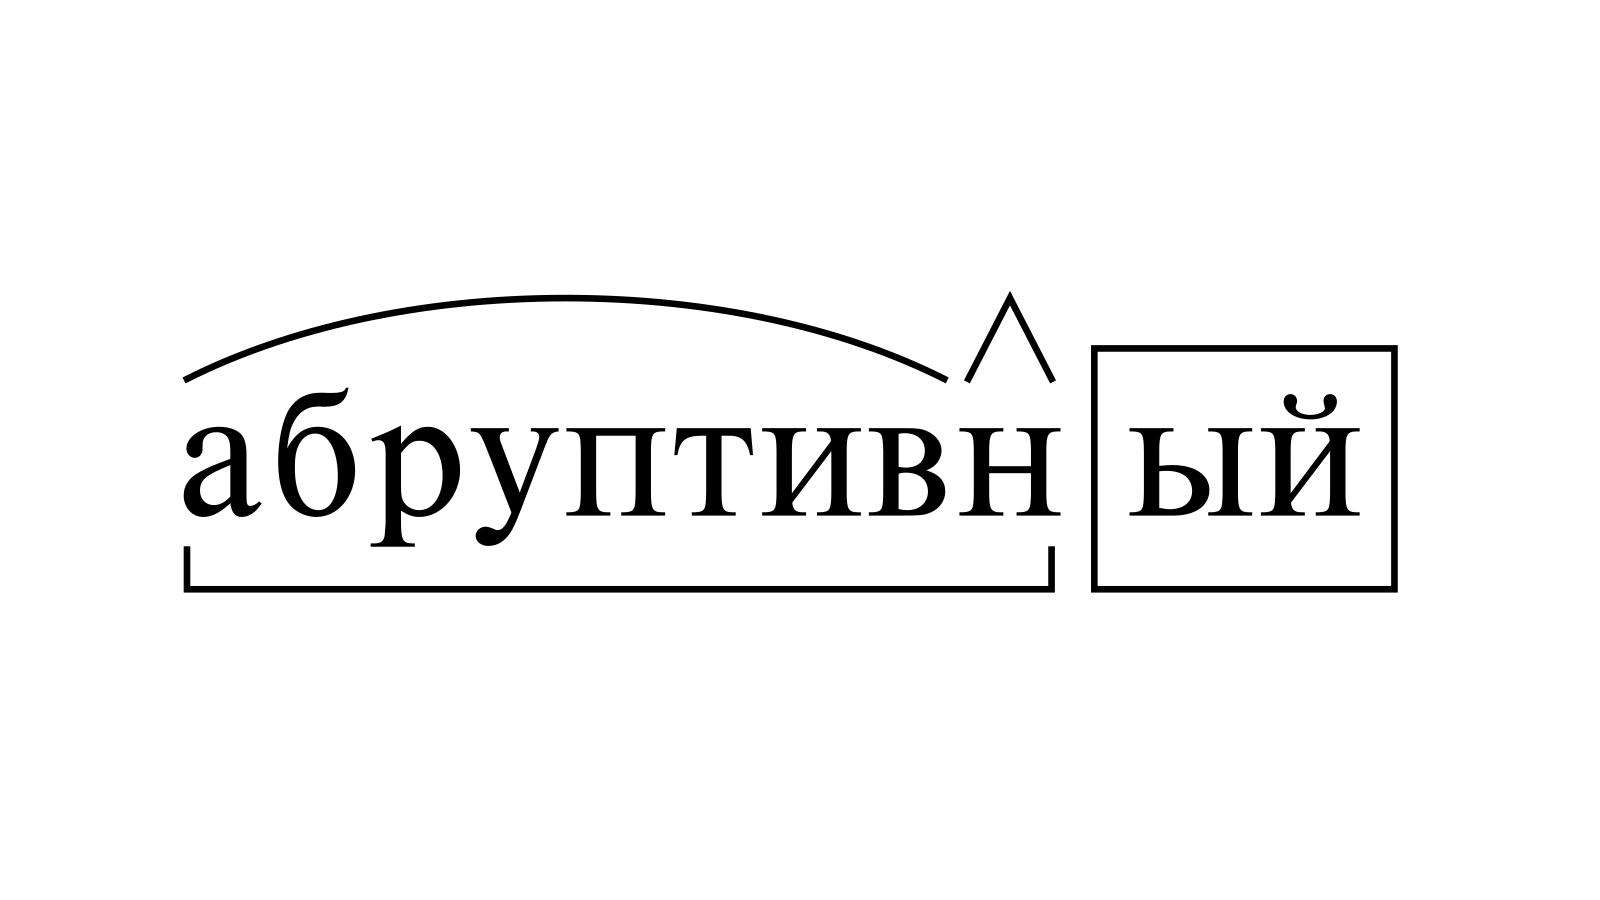 Разбор слова «абруптивный» по составу